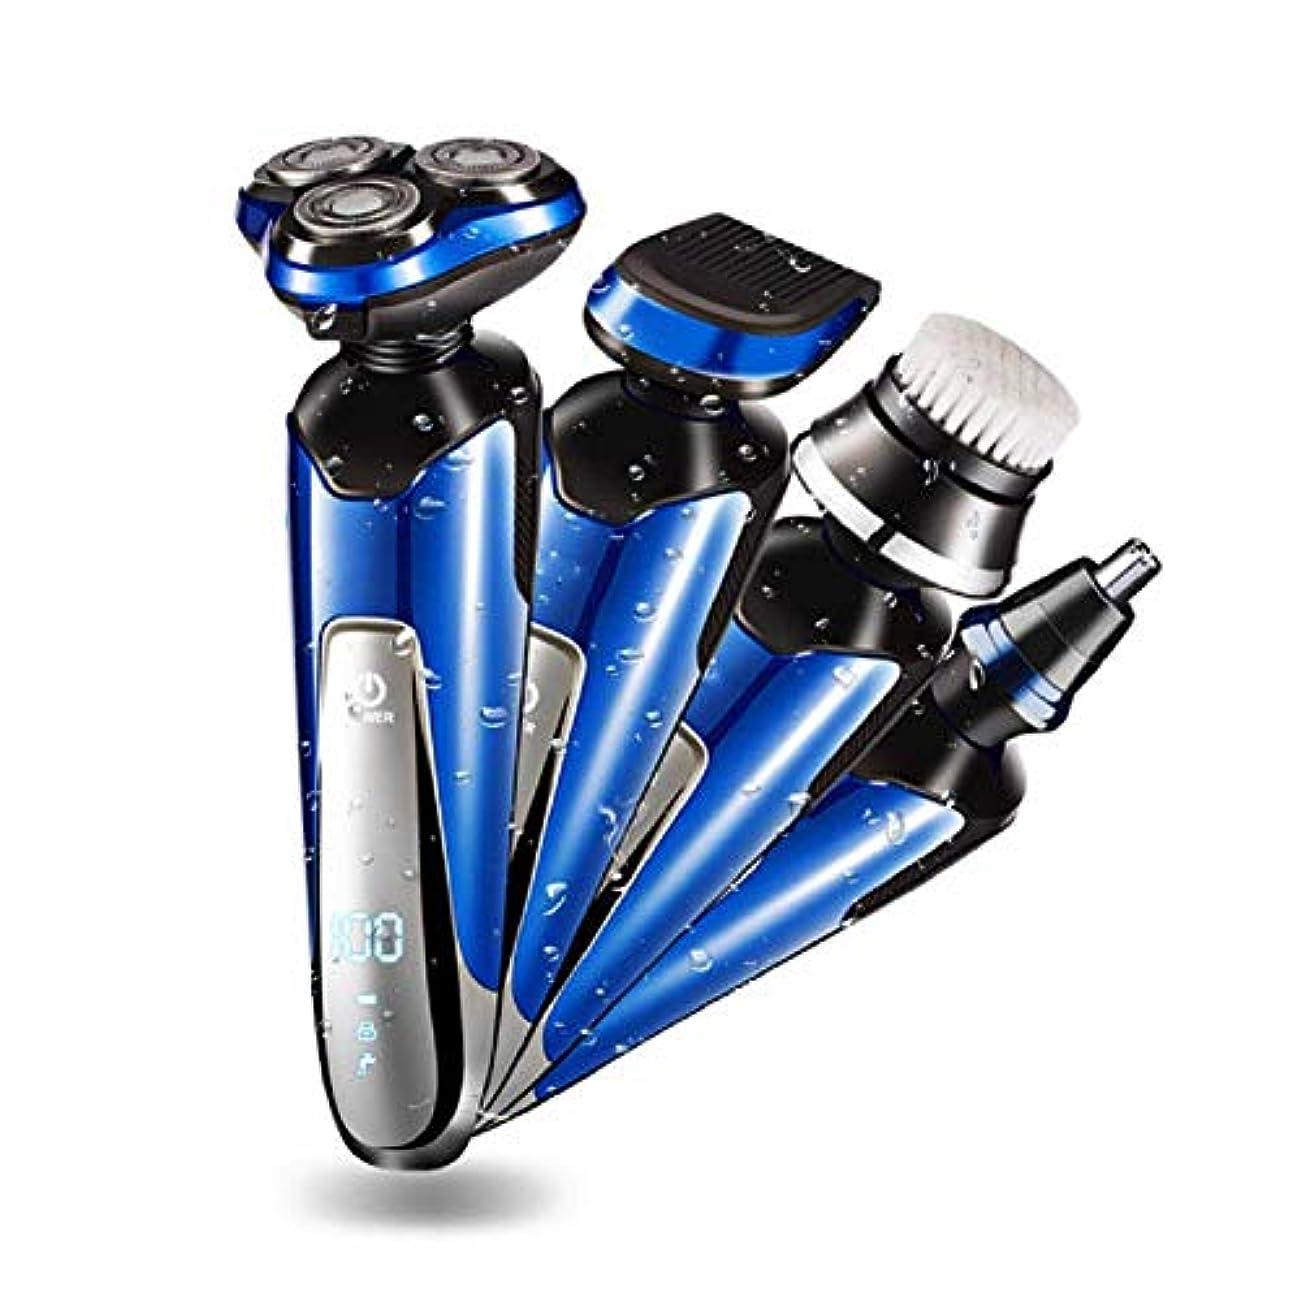 こっそり年金受給者どう?4-in-1多機能メンズ電気シェーバートリマー、回転ひげ鼻毛トリマーウォッシュブラシ防水ウェットとドライのデュアルユースUSB充電式シェービングマシン